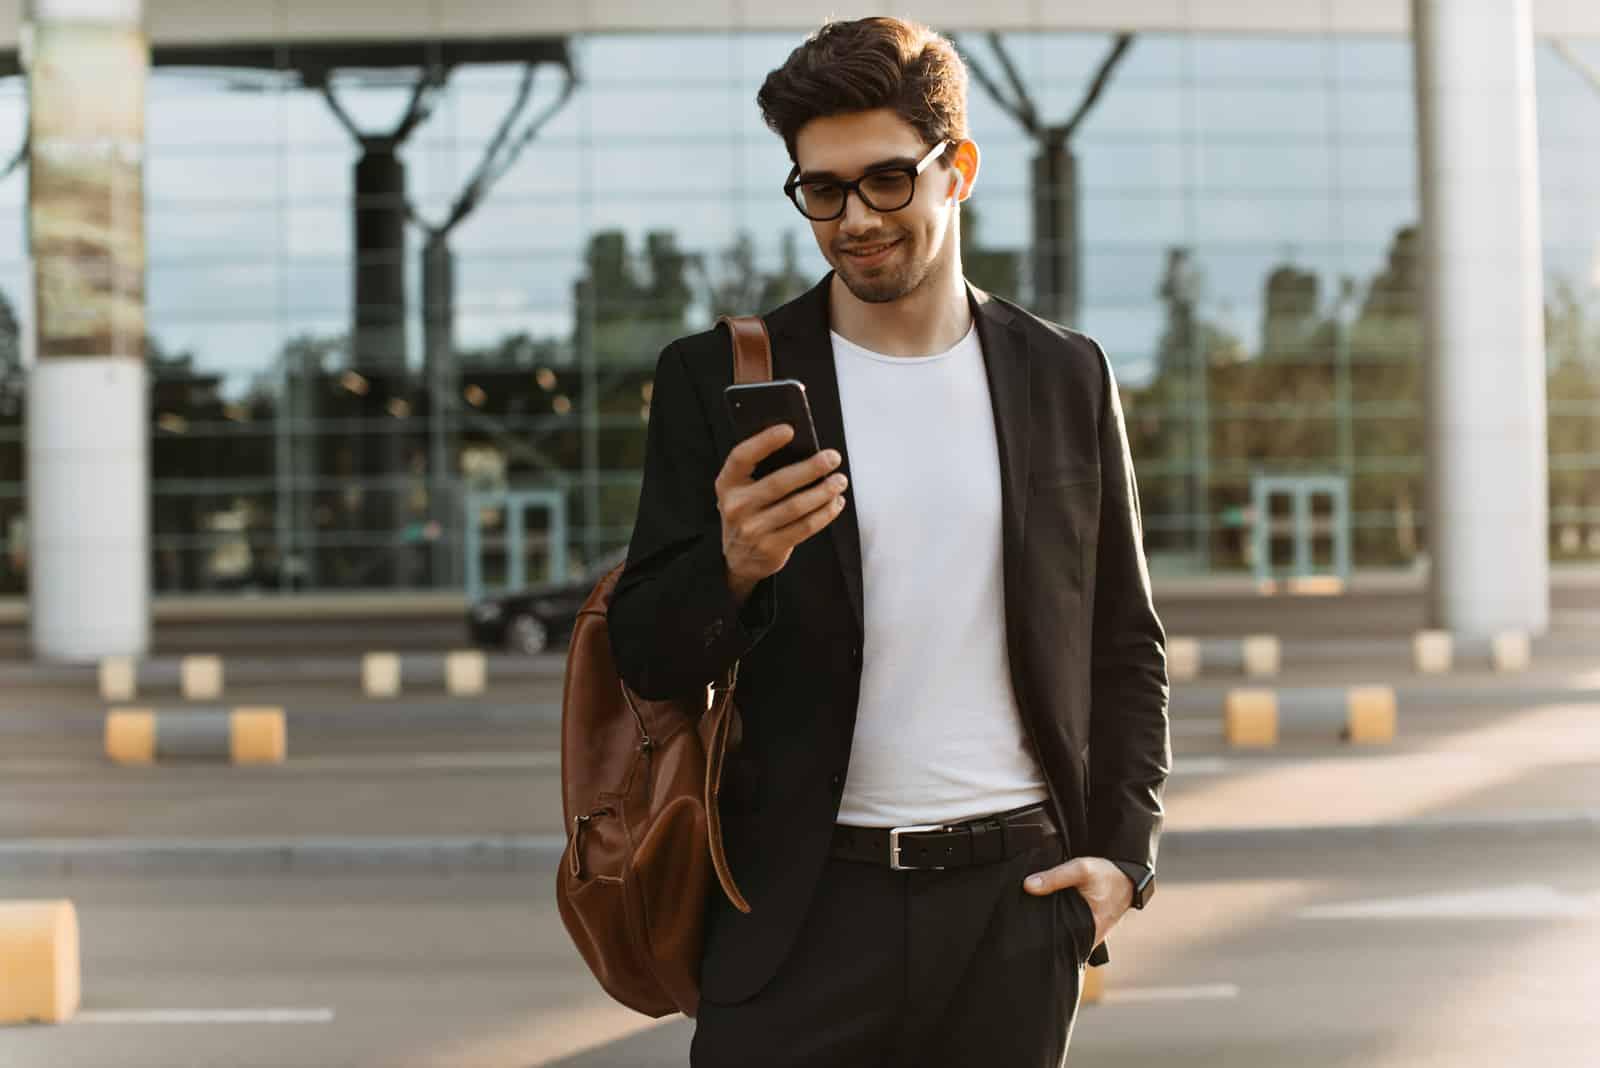 un homme souriant se tient dans la rue et les touches du téléphone